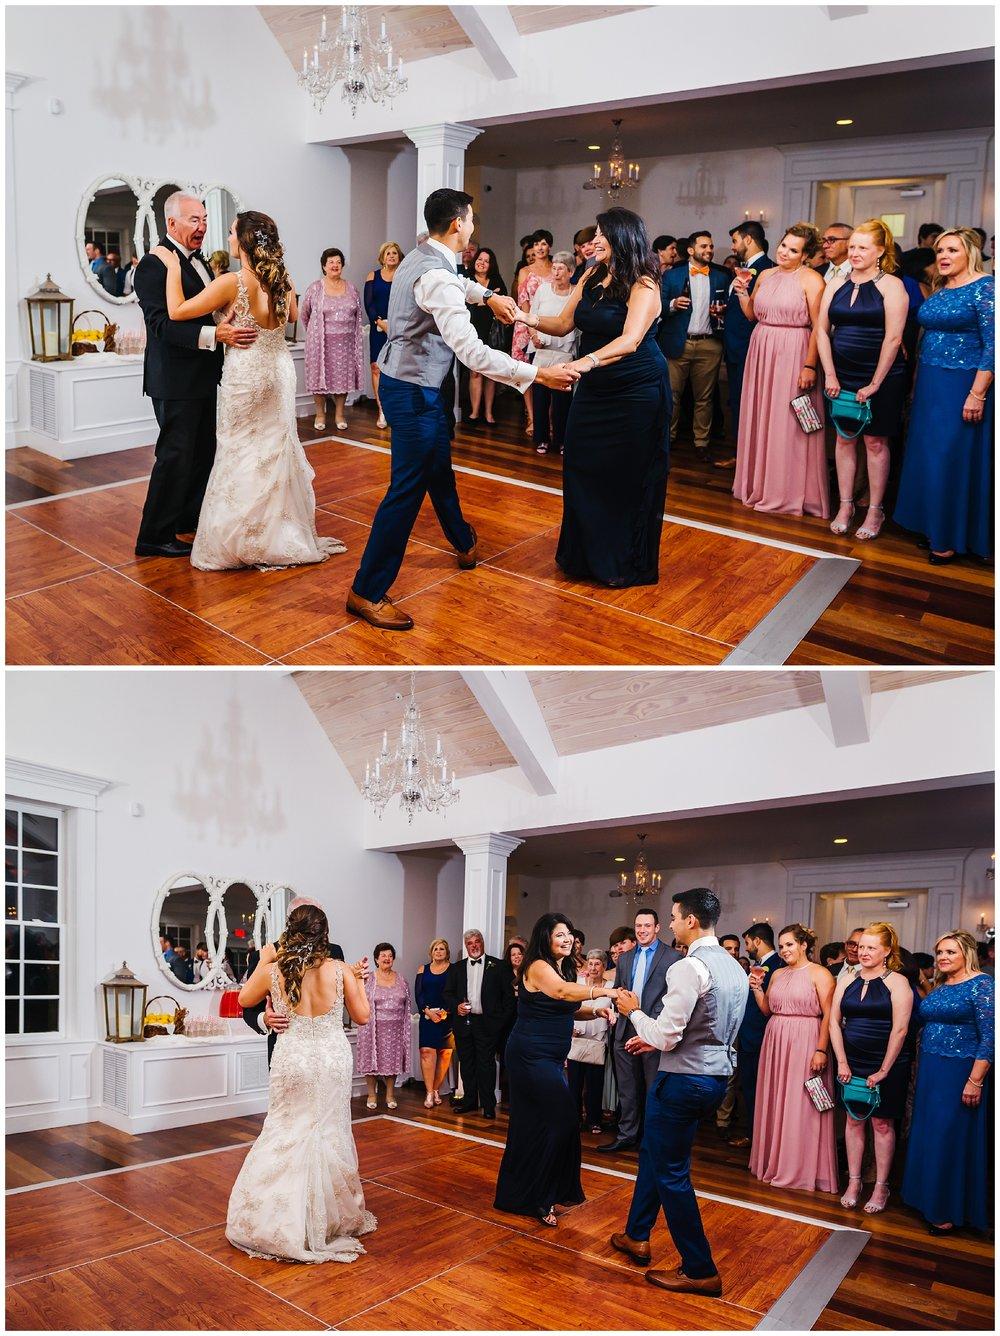 st-augustine-destination-wedding-photographer-white-room-villa-blanca-flagler-first-look_0058.jpg